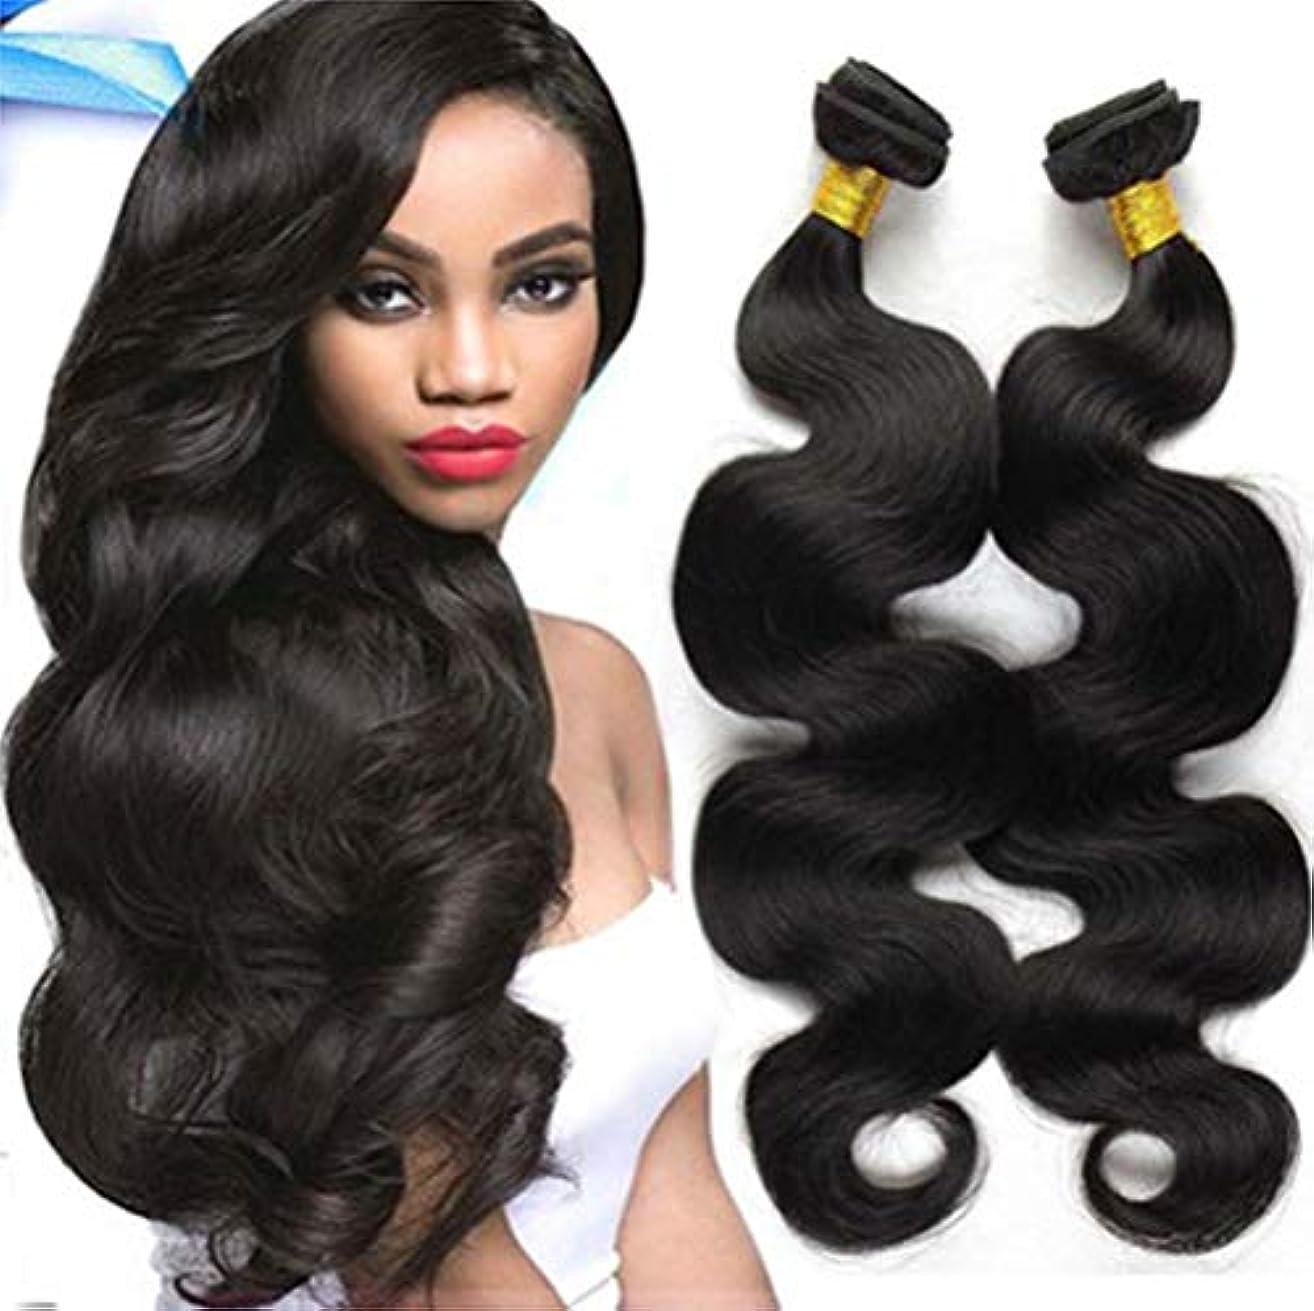 鋭く可能規定女性8Aバージンヘアバンドル閉鎖ブラジル髪バンドル閉鎖ブラジル実体波閉鎖人間の髪の毛